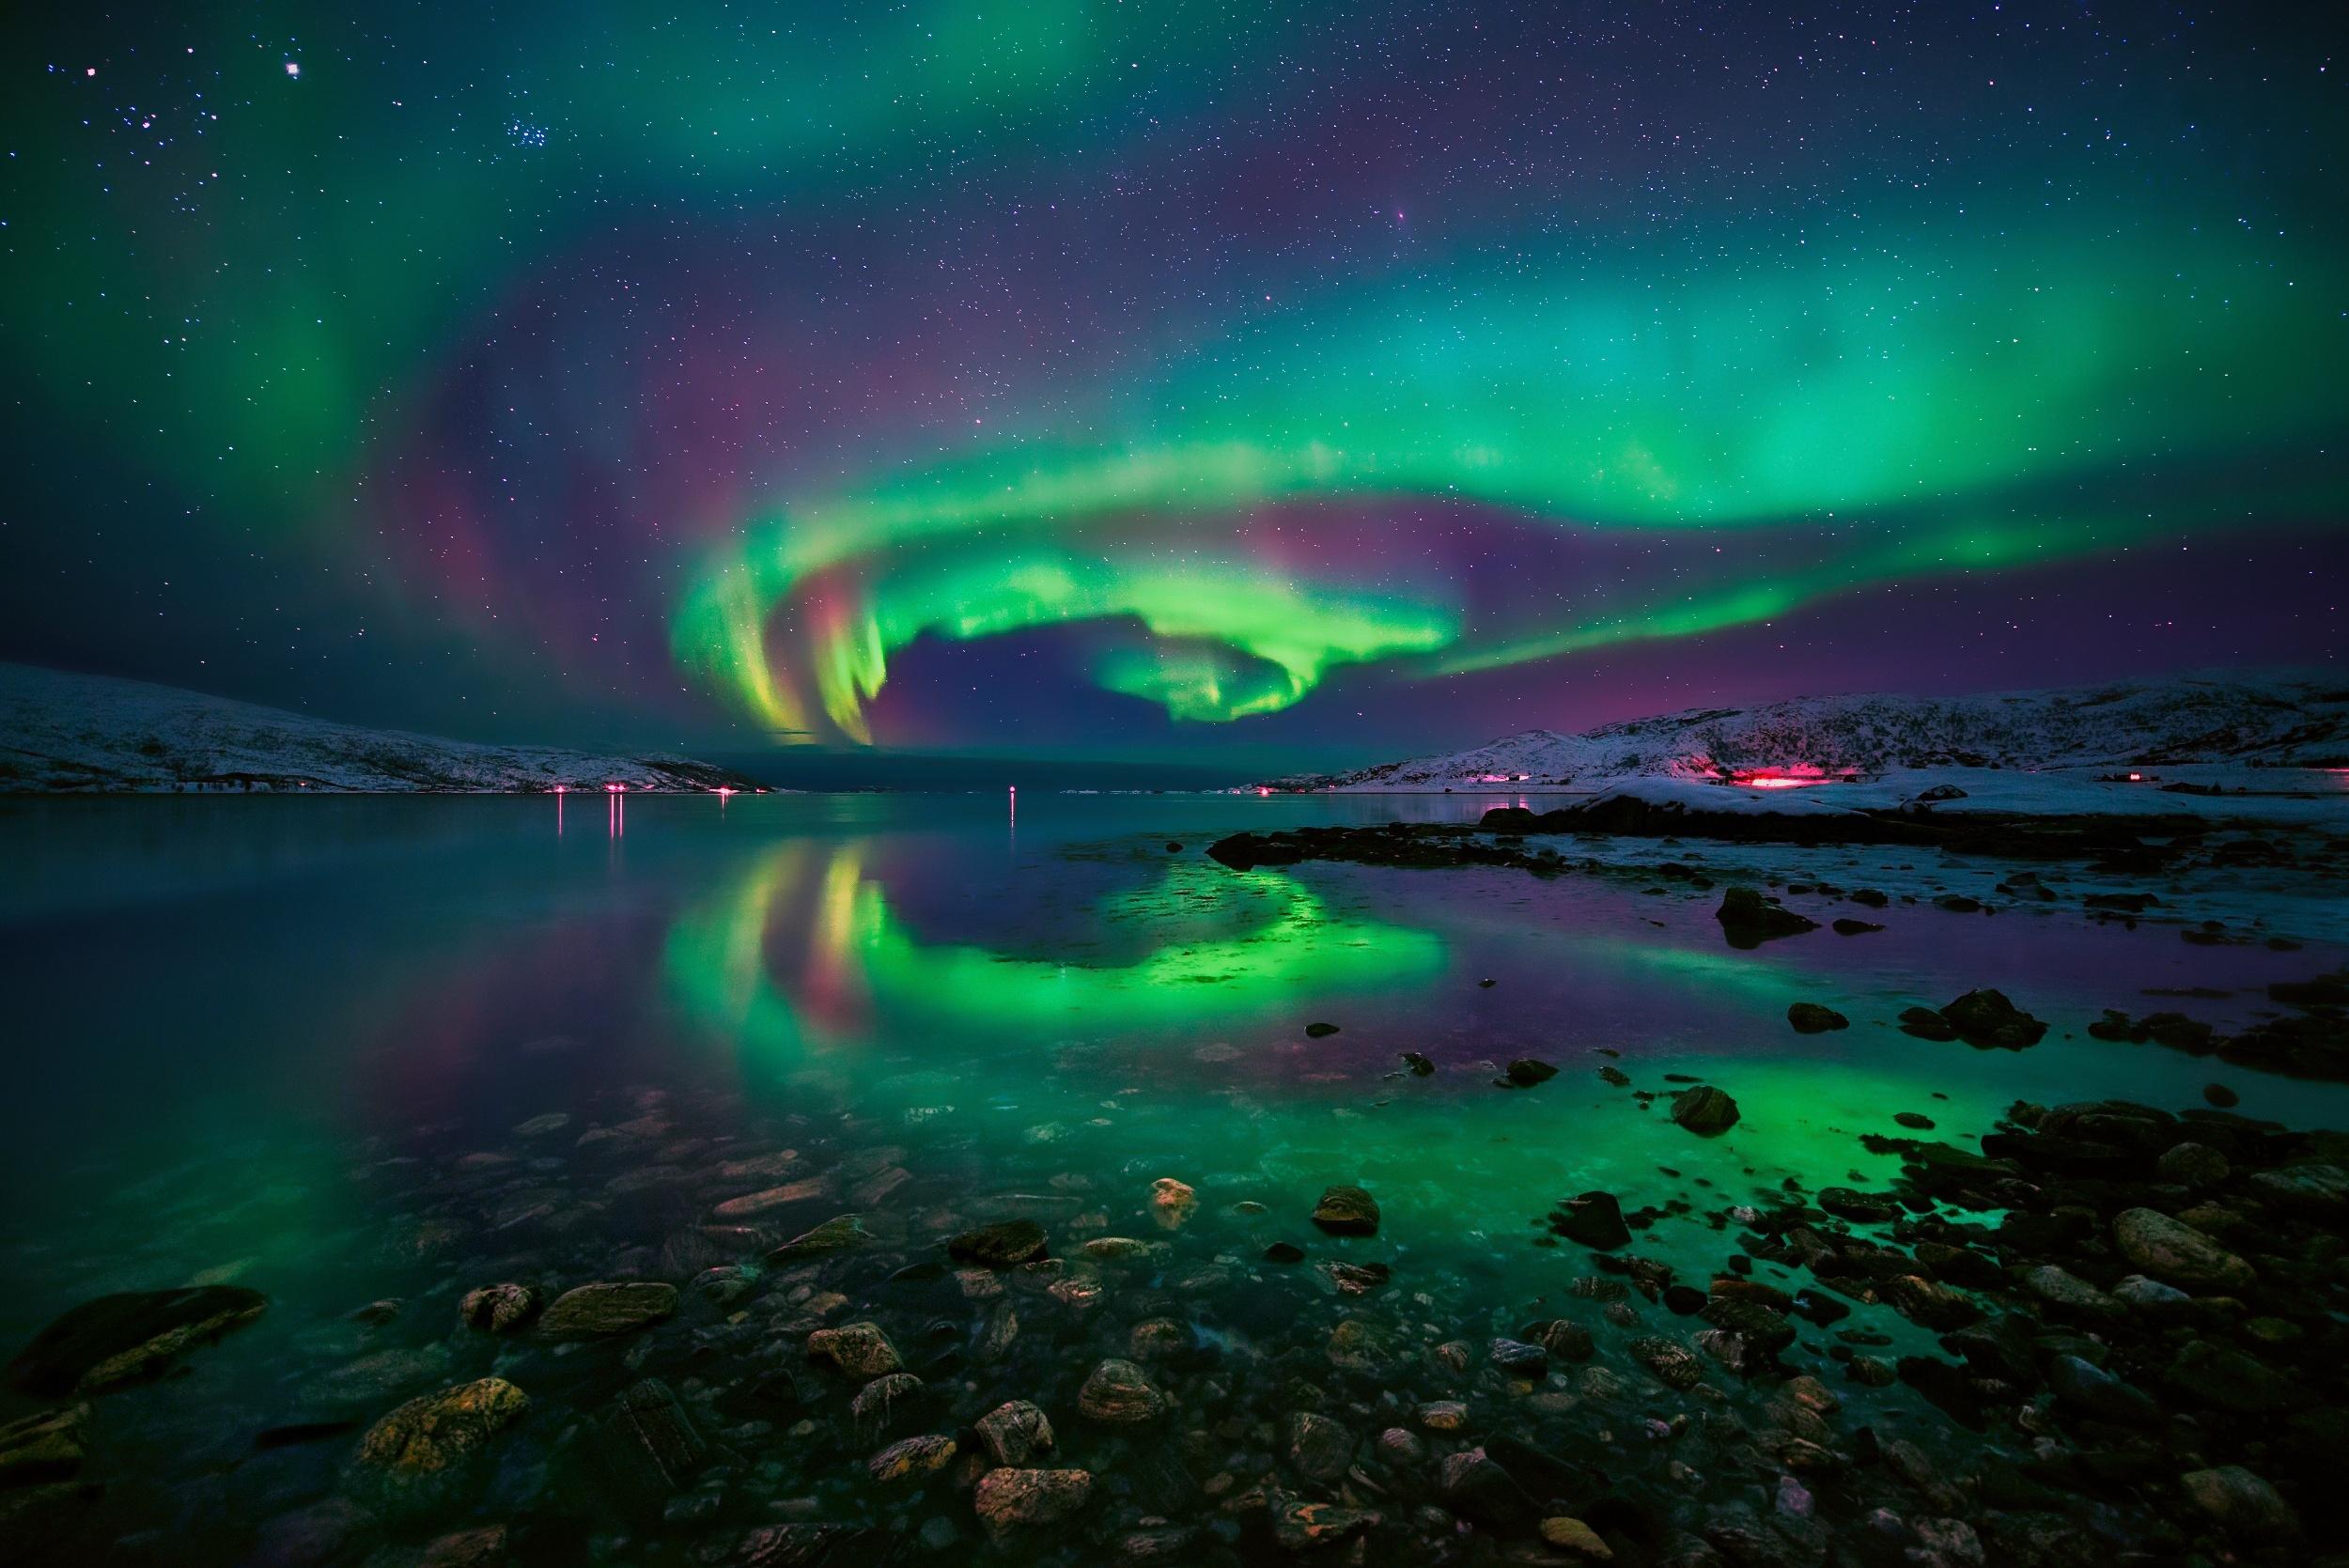 Северное сияние | любопытные подробности обо всем на свете!